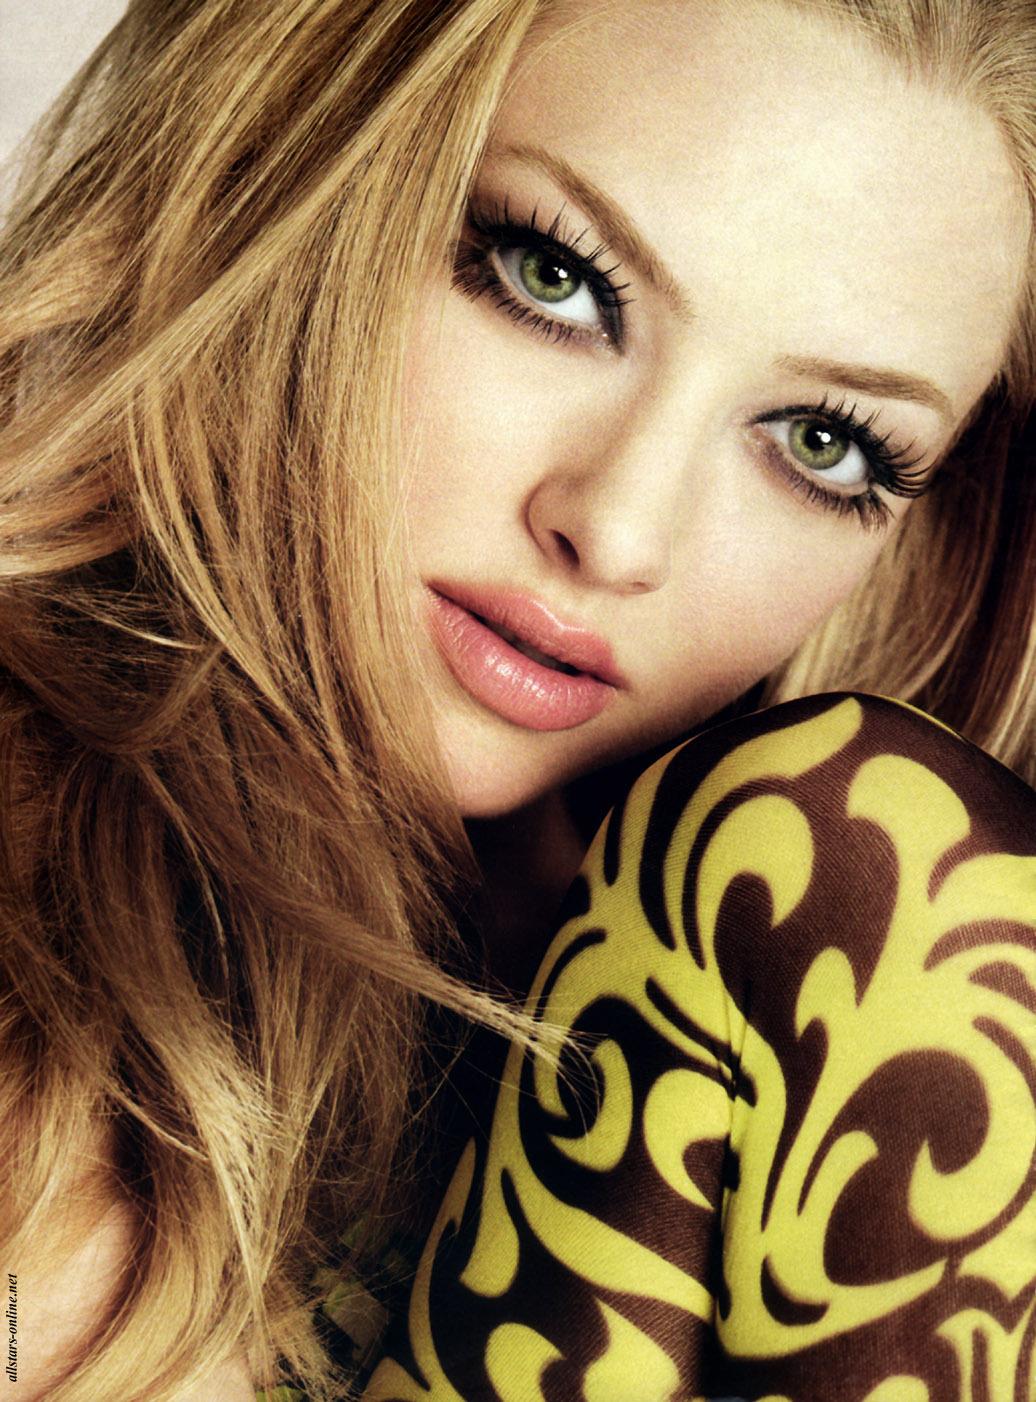 amanda-seyfried-beautiful-lips